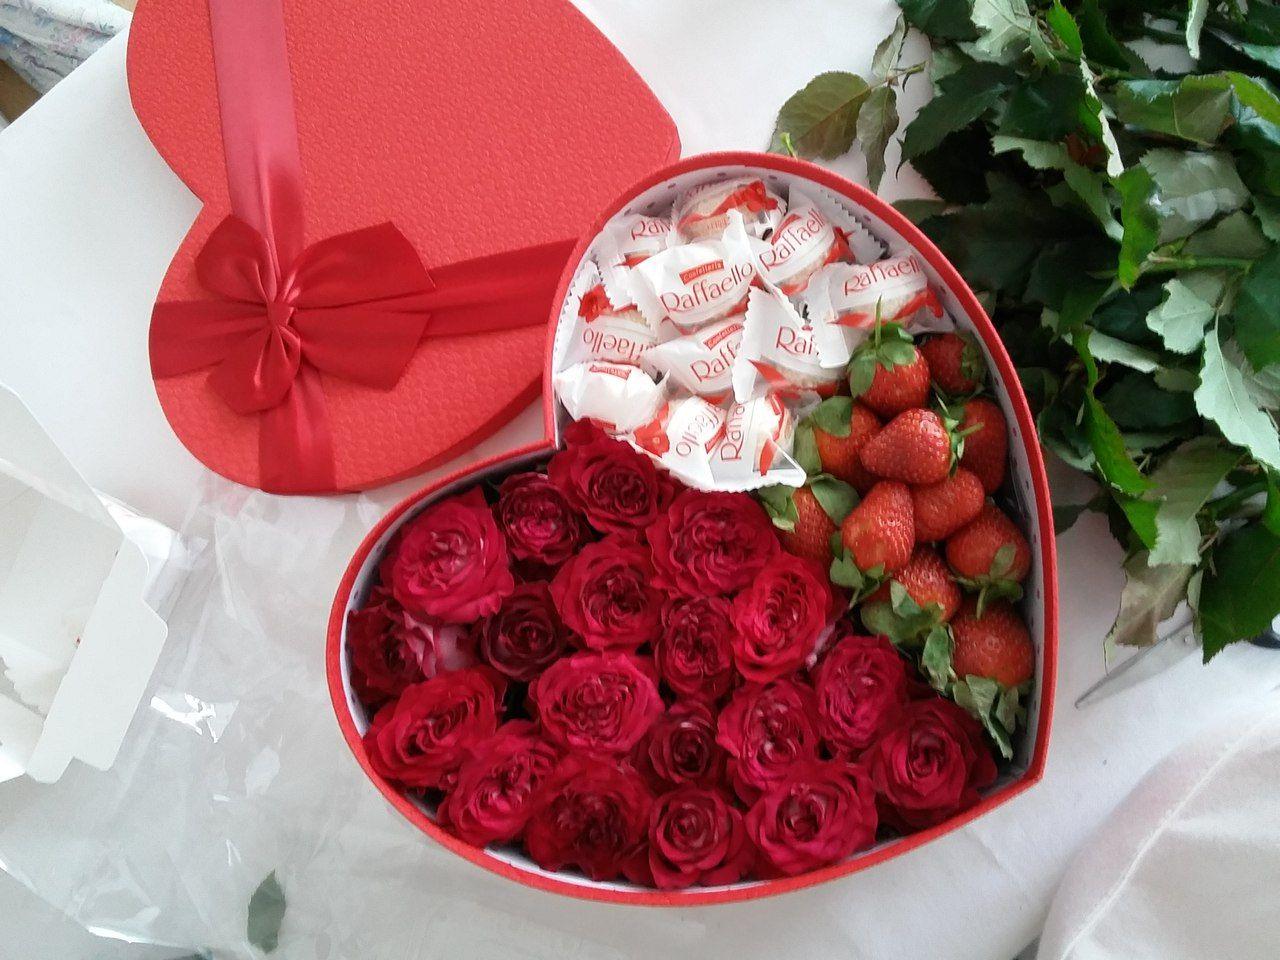 Клубника и цветы в коробке фото